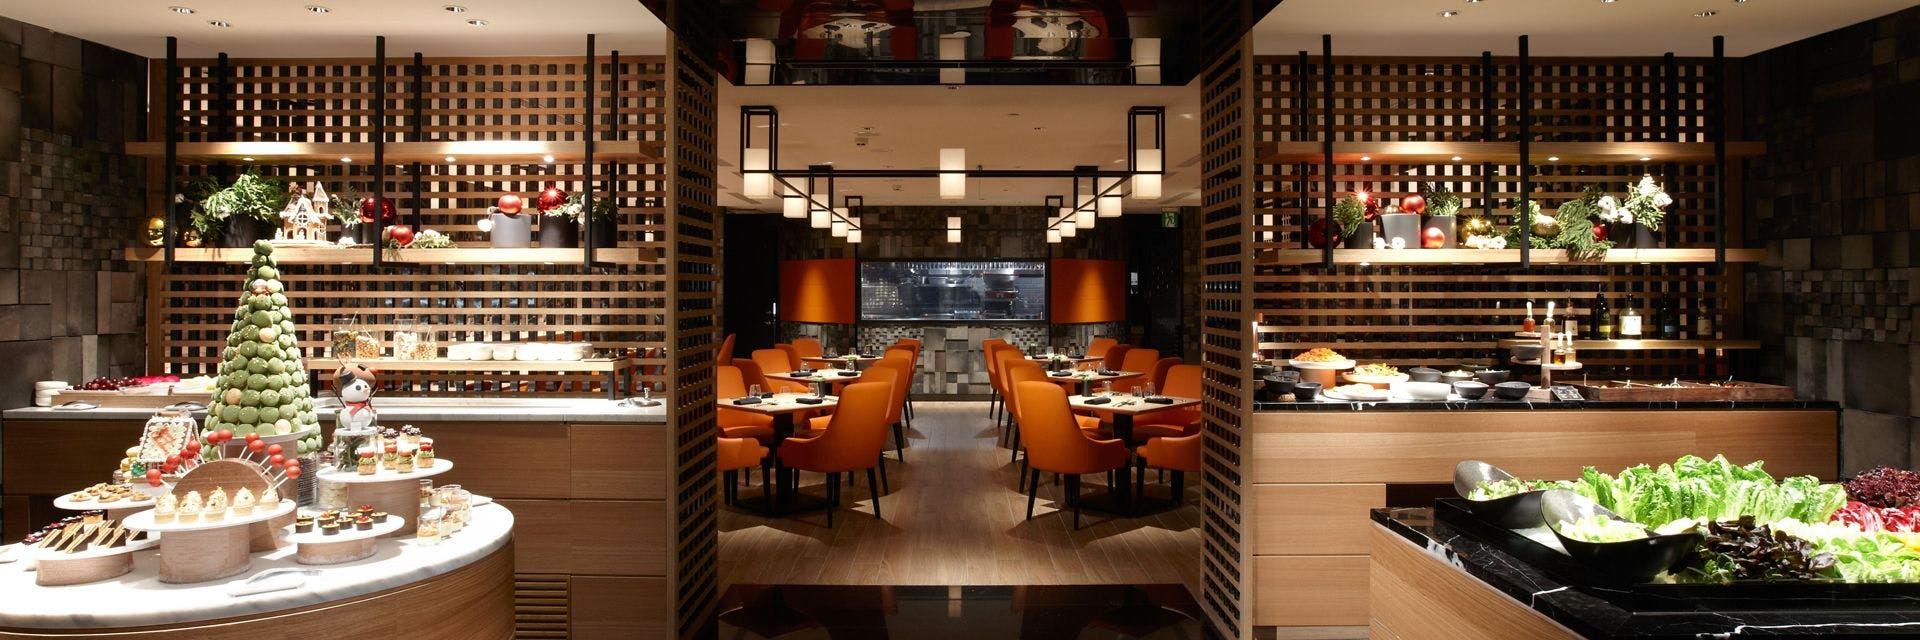 ROBIN'S 牛排屋為主餐搭配沙拉吧形式,主打炭烤牛排和海鮮。